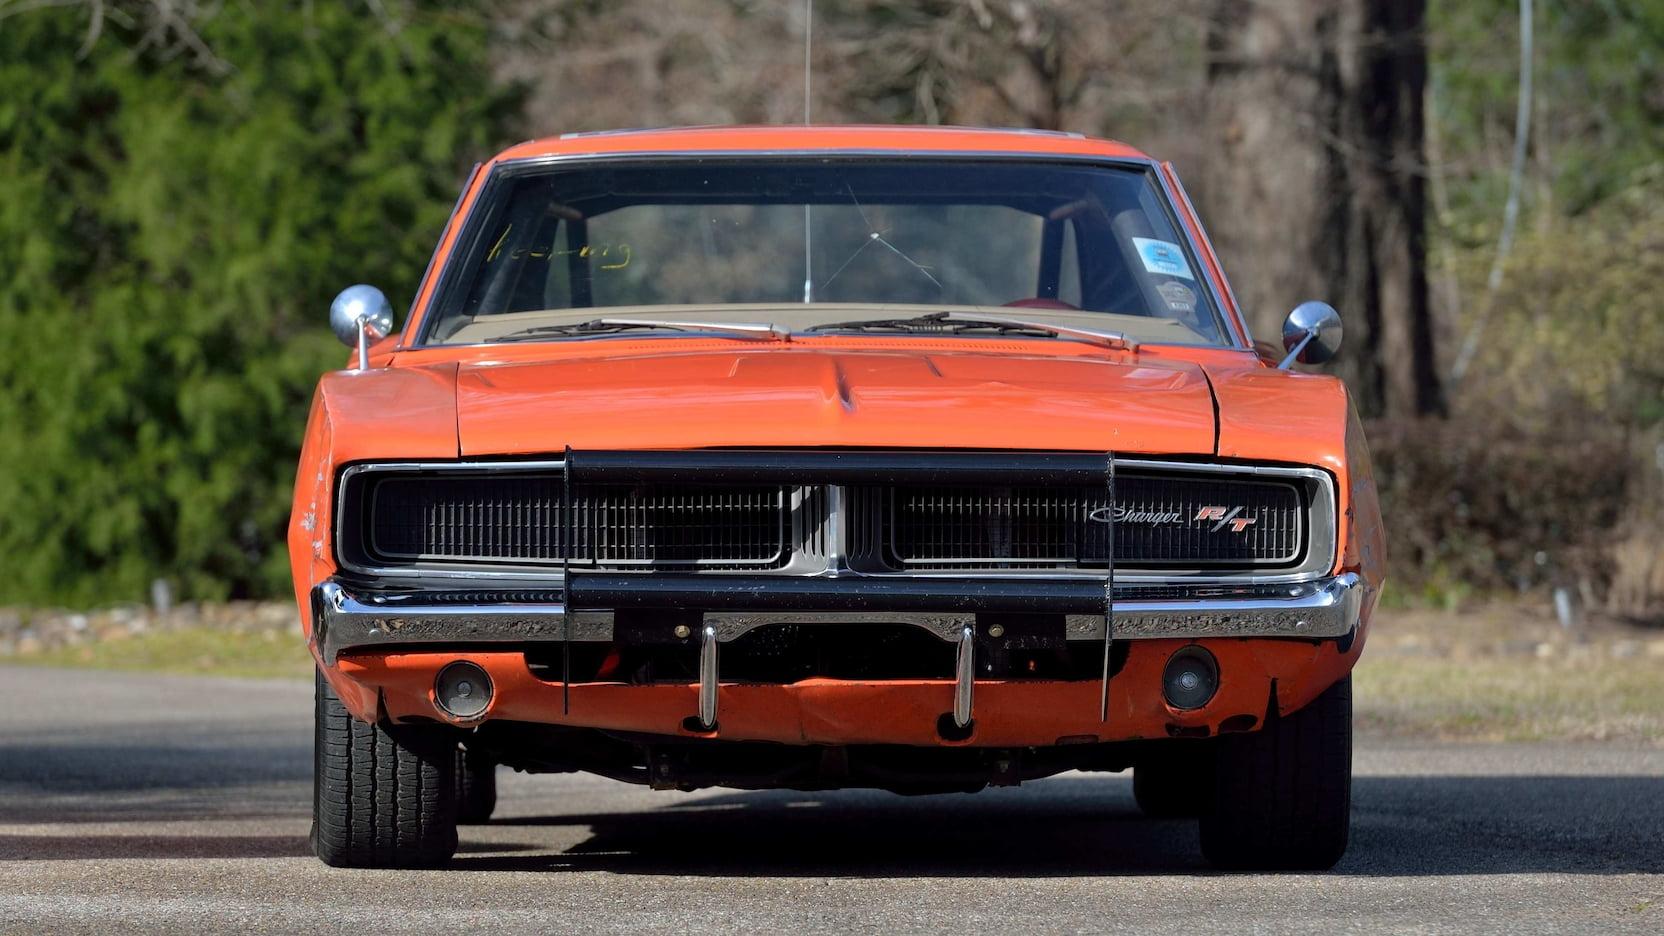 1969 Dodge Charger General Lee Stunt Car front